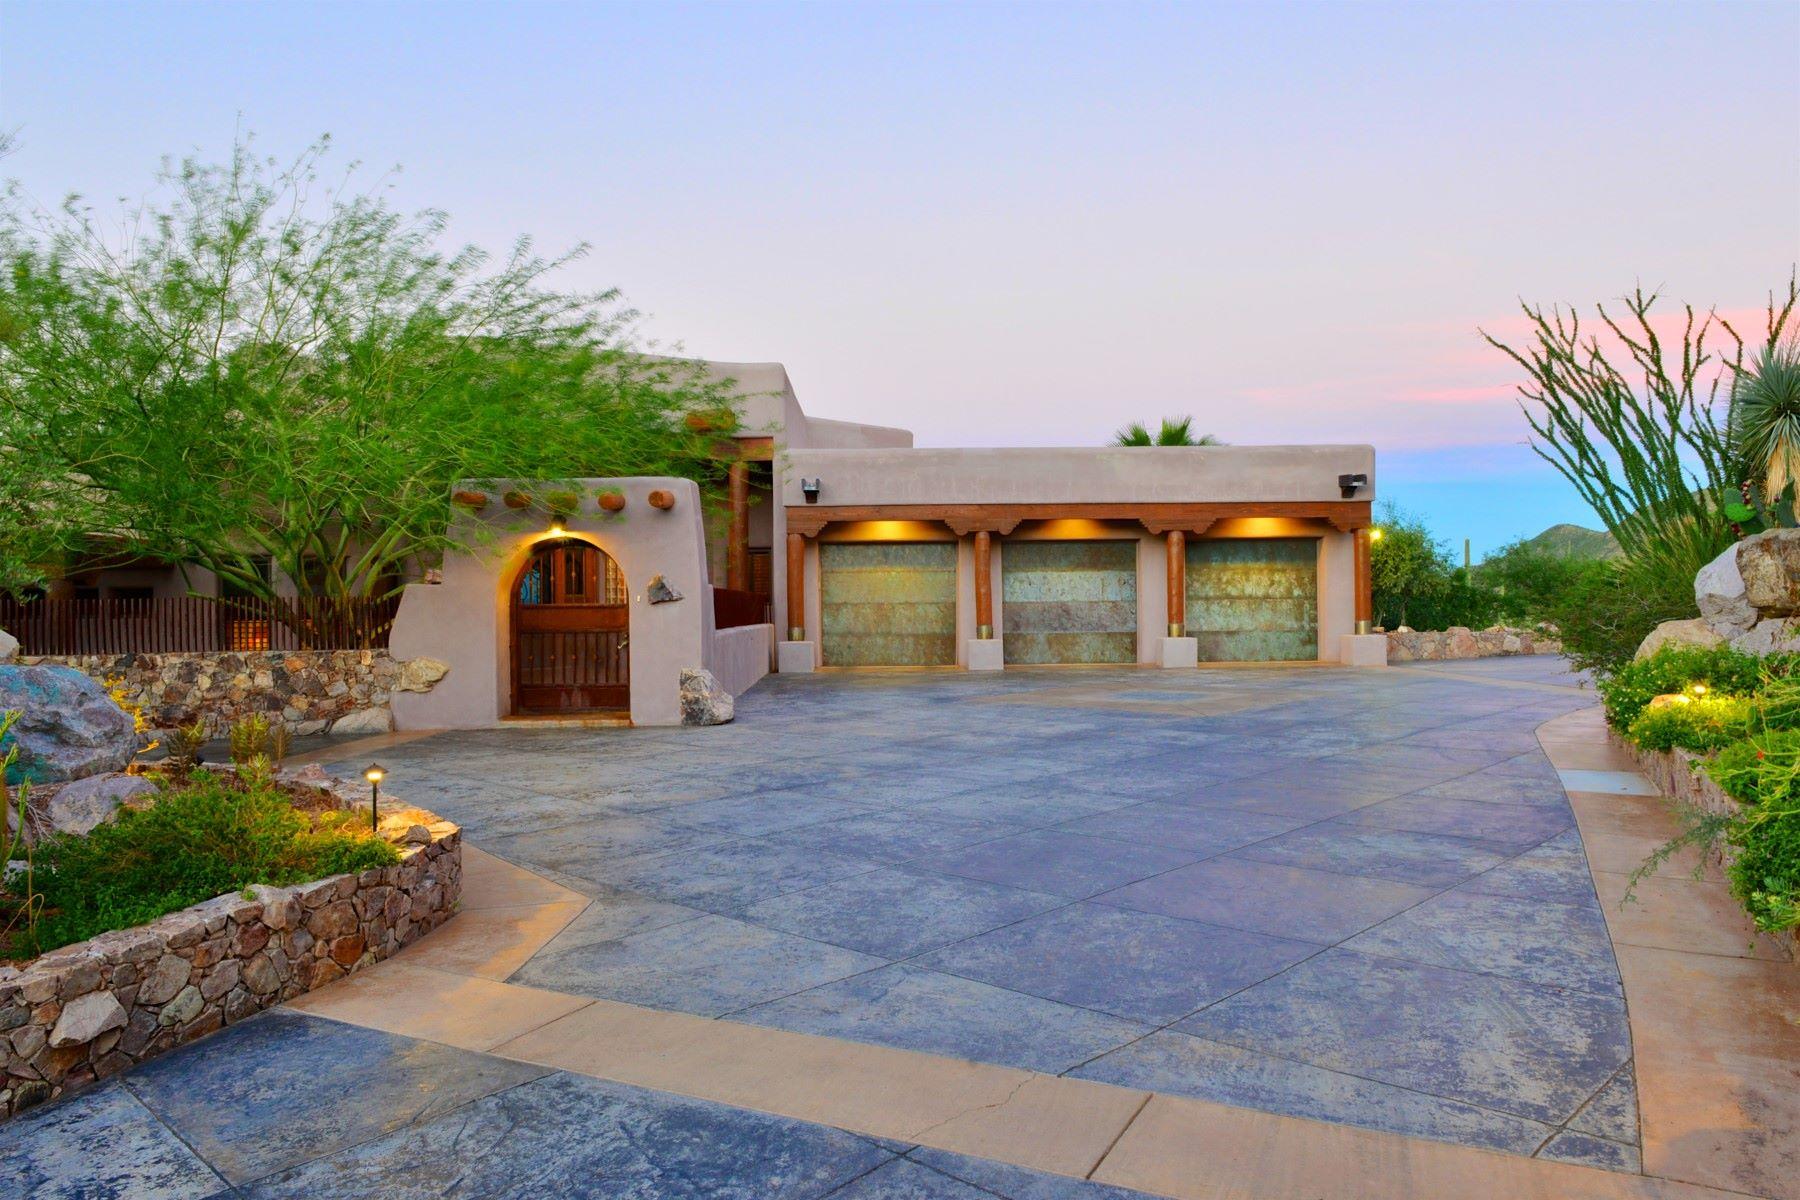 一戸建て のために 売買 アット One of the City's Most Private and Meticulously Built Home 5153 W Saguaro Cliffs Drive, Tucson, アリゾナ, 85745 アメリカ合衆国